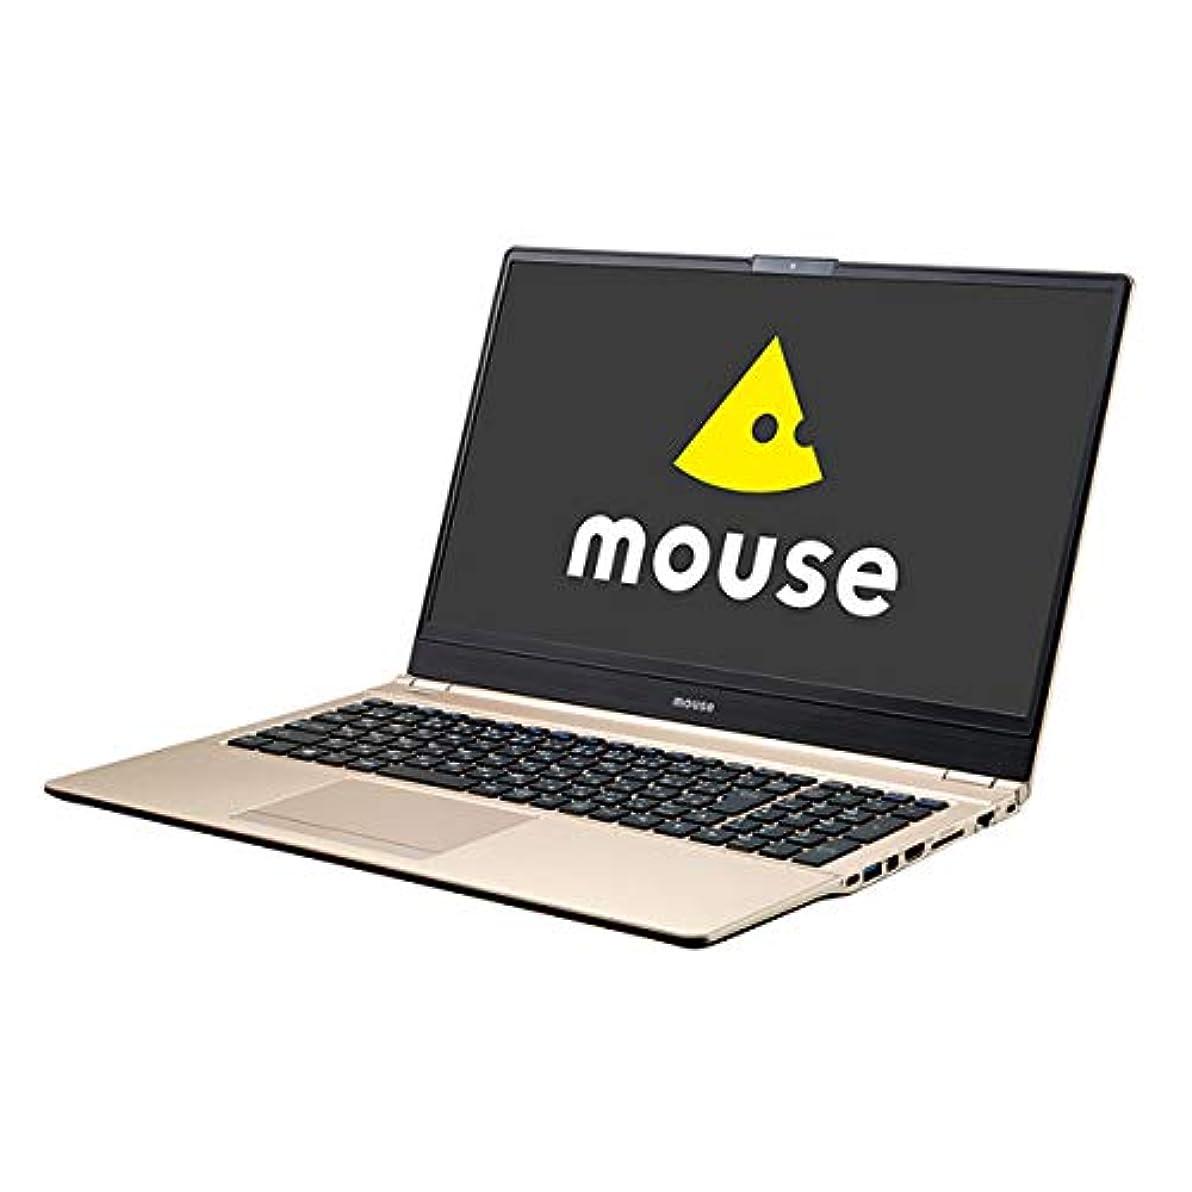 若さ漏斗異議マウスコンピューター (mouse computer) ノートPC mouse MB-B508H-A [Core i7?15.6インチ?Office付き?SSD 512GB?メモリ 8GB]